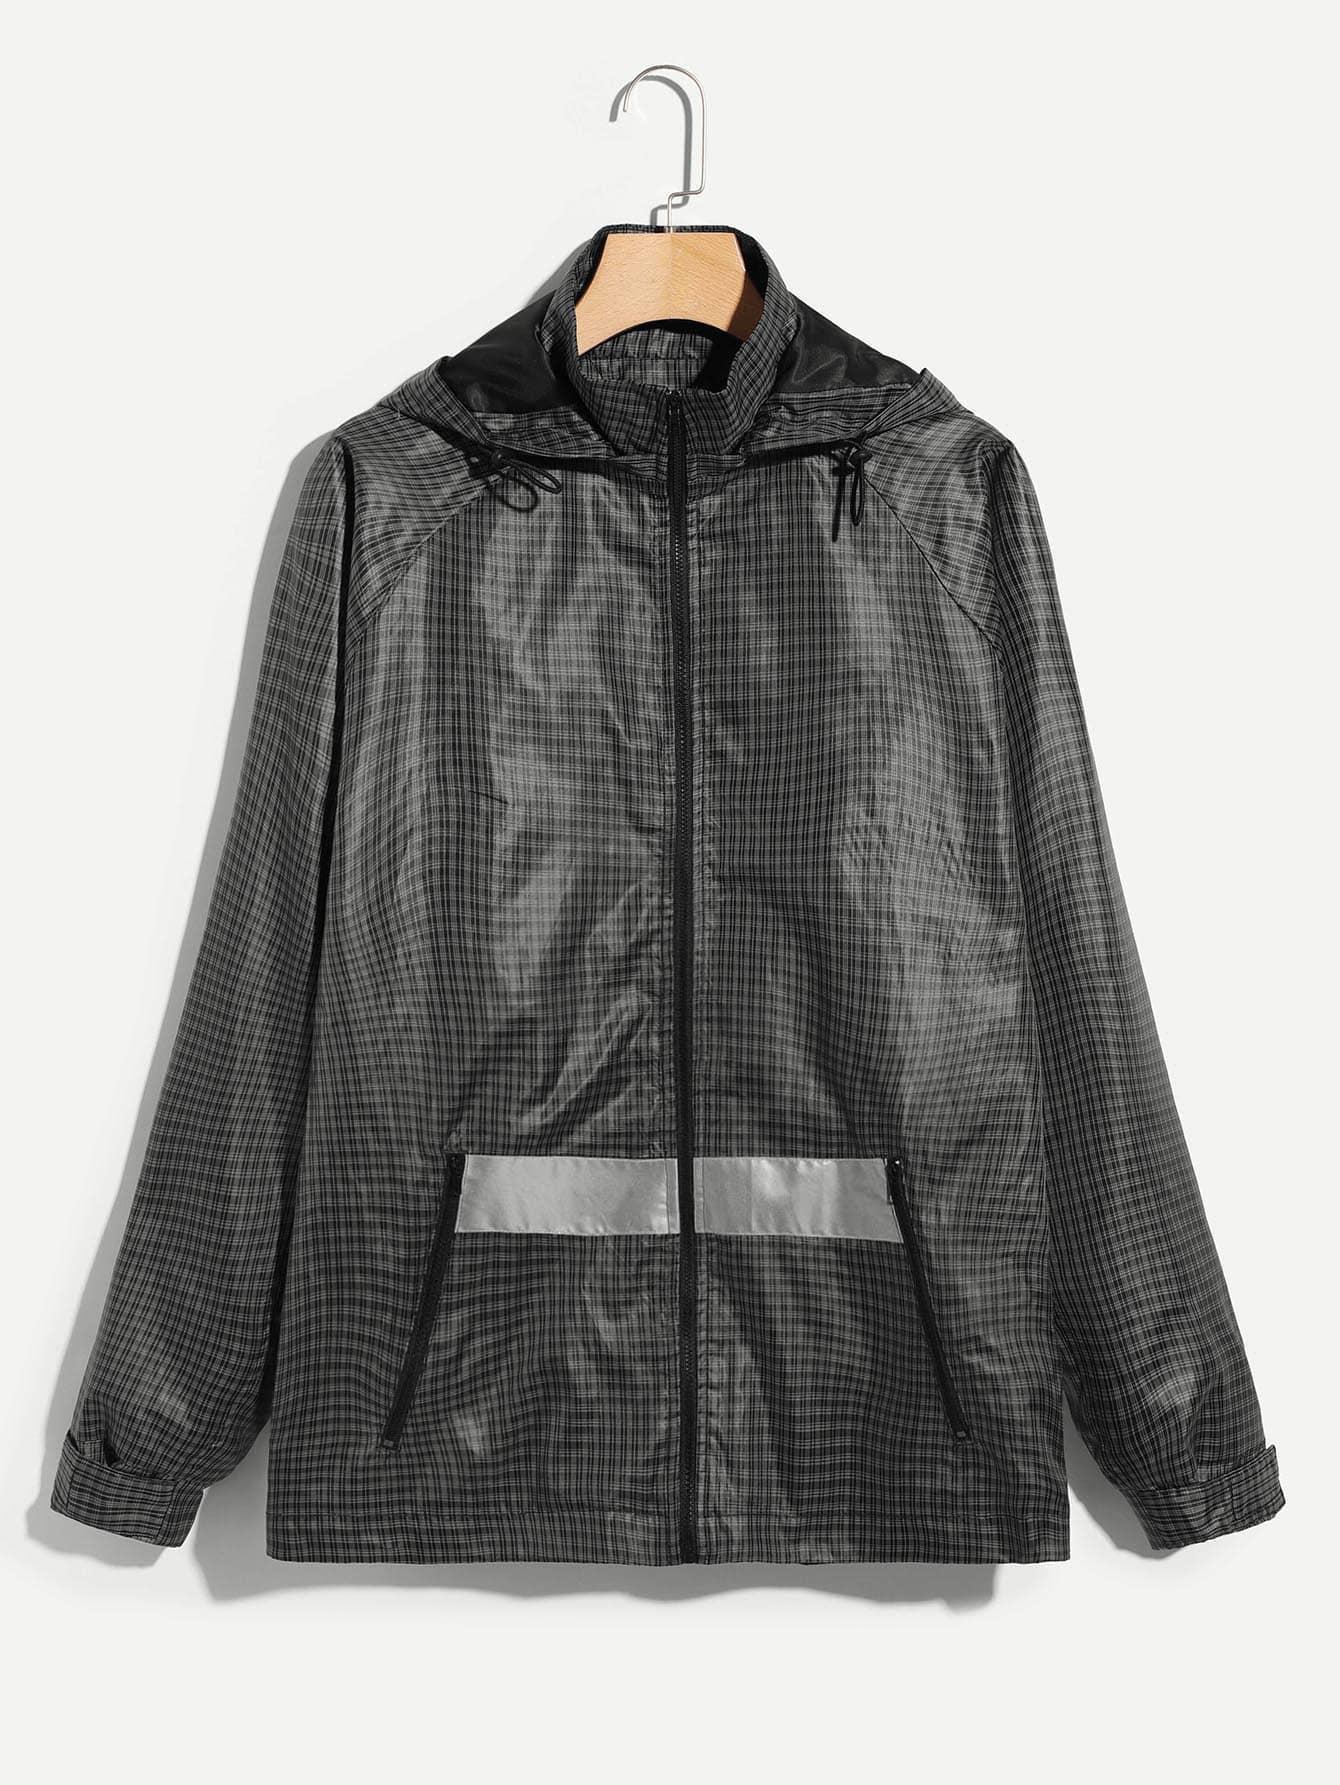 Купить Для мужчин пальто с капюшоном в клетку на молнии, null, SheIn